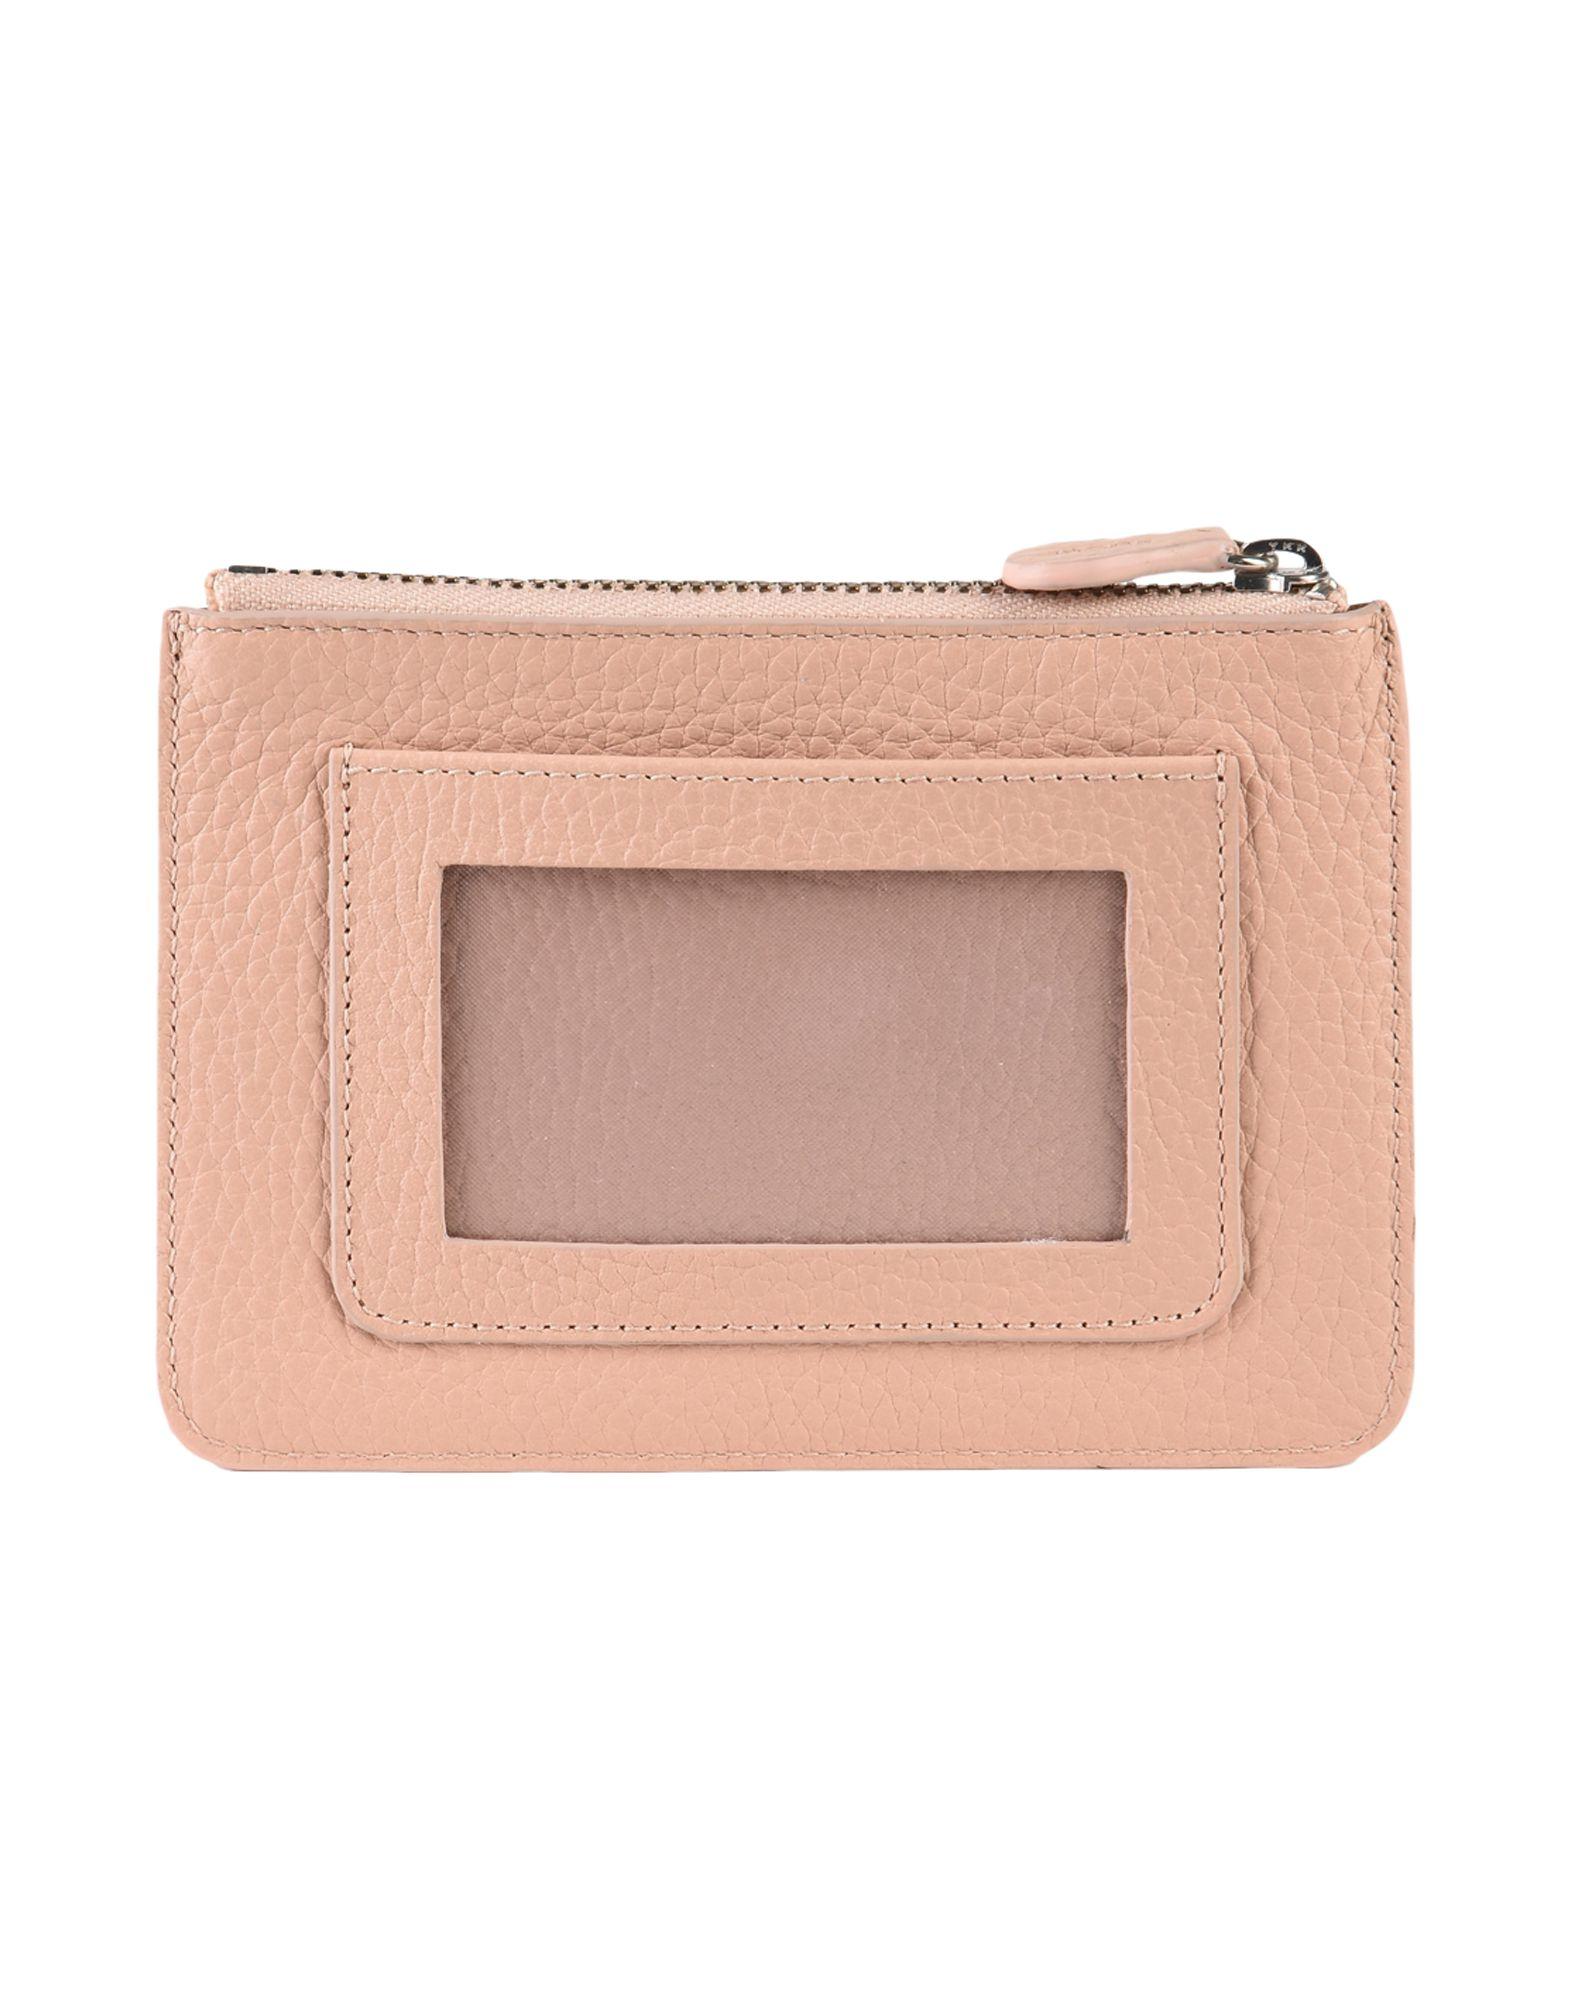 CAMBRIDGE SATCHEL Wallet in Pale Pink